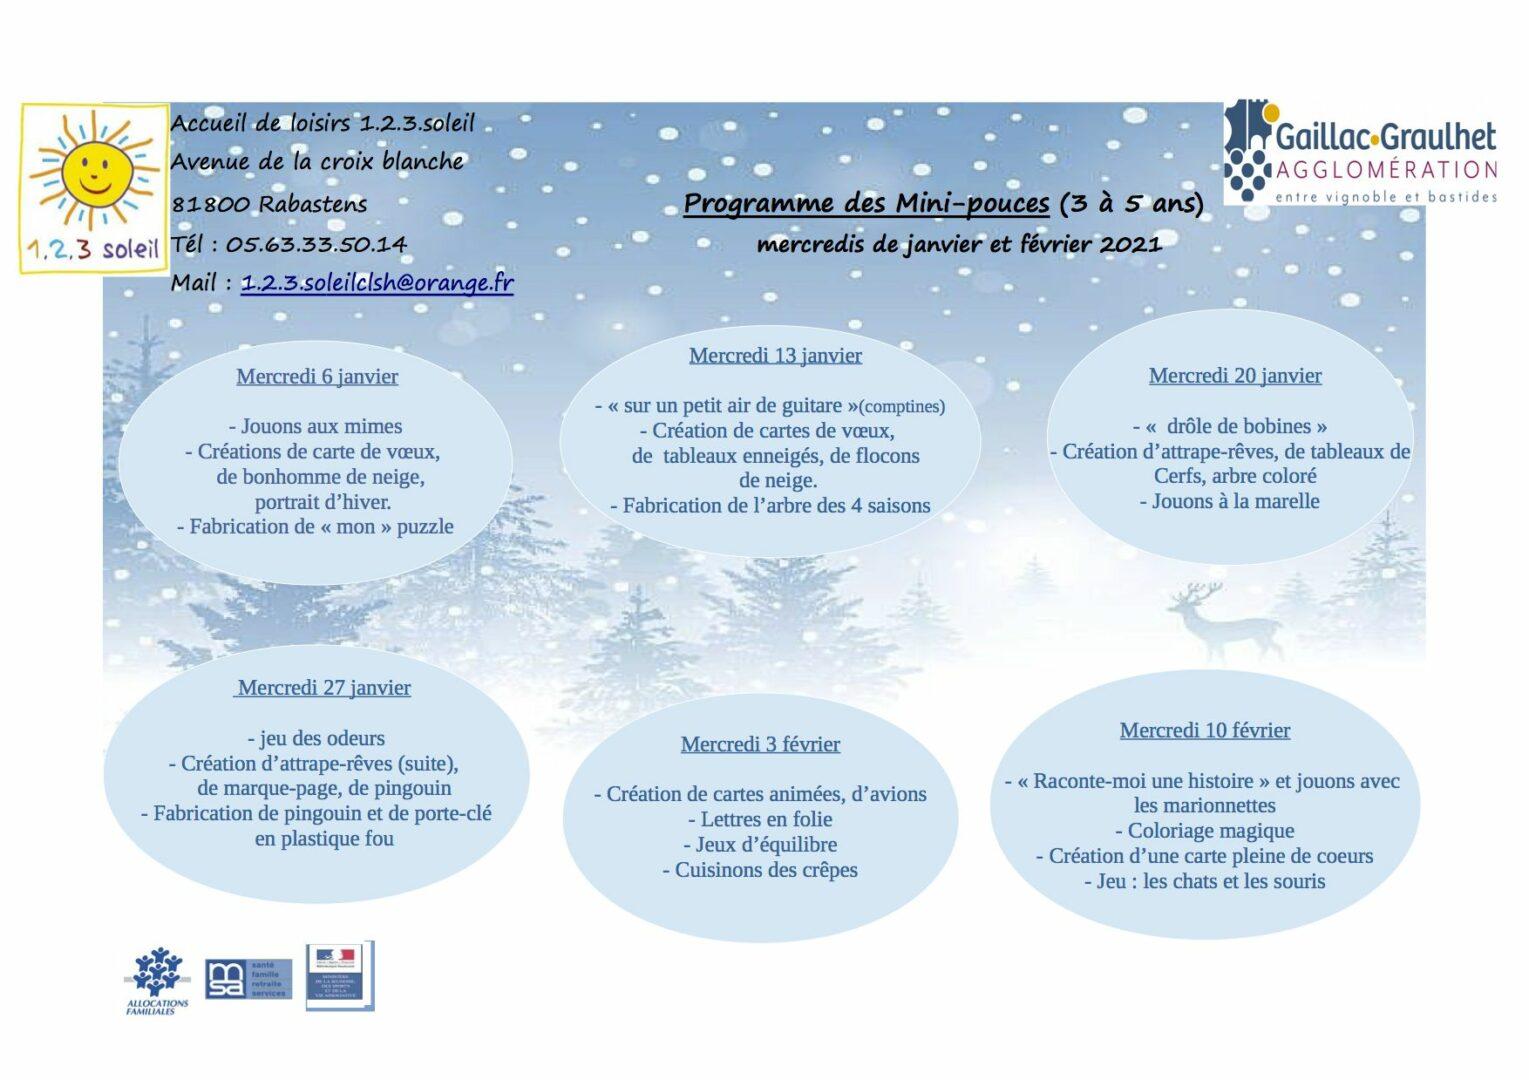 Programme mini pouces mercredis janvier et fevrier 2021 -